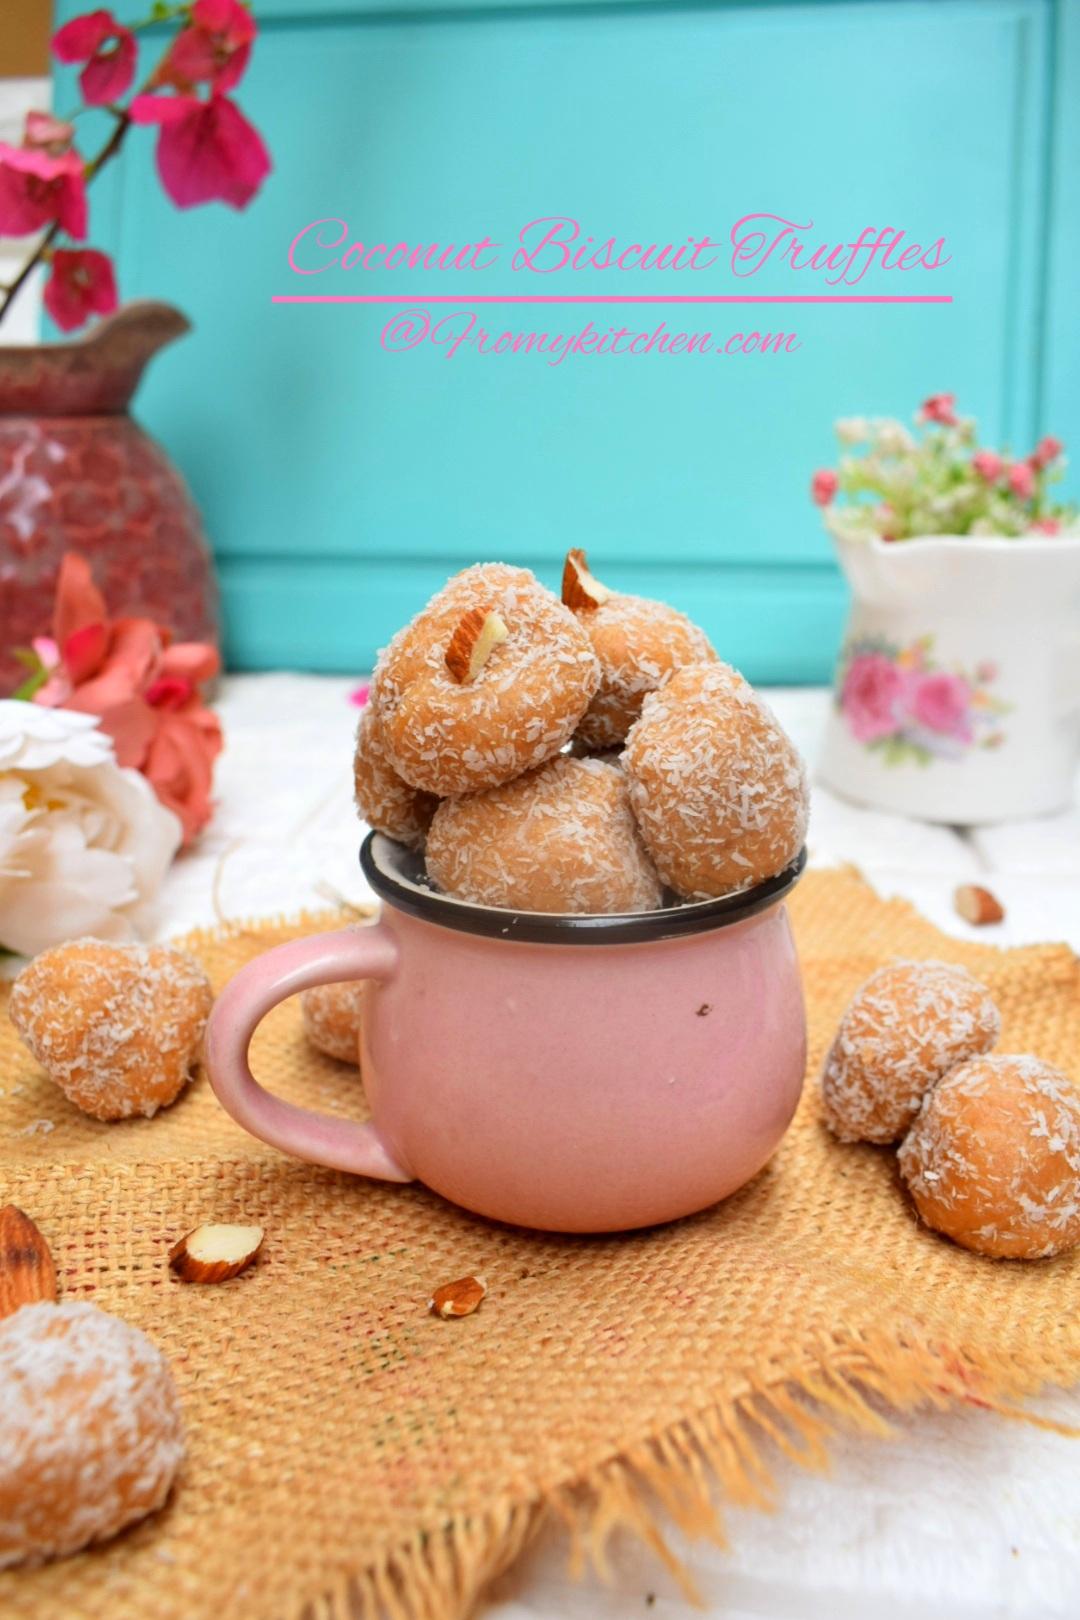 Coconut Biscuit Truffles